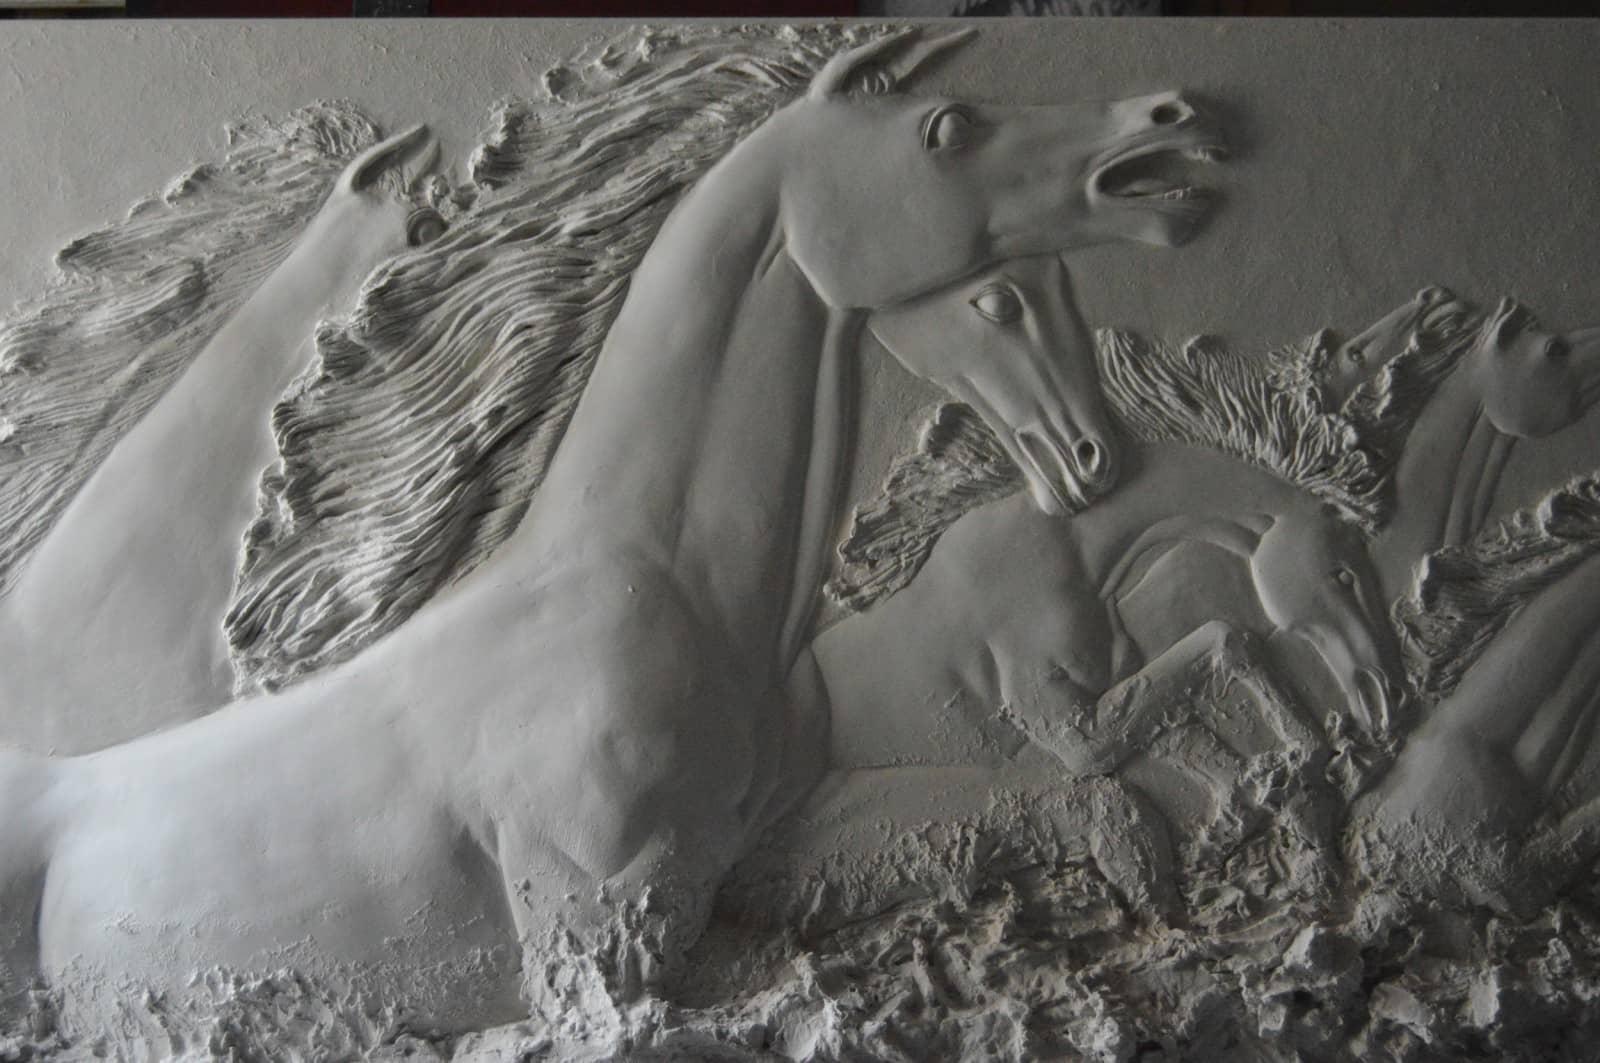 marcon-artigiani-del-gesso-chioggia-venezia-thumbnail